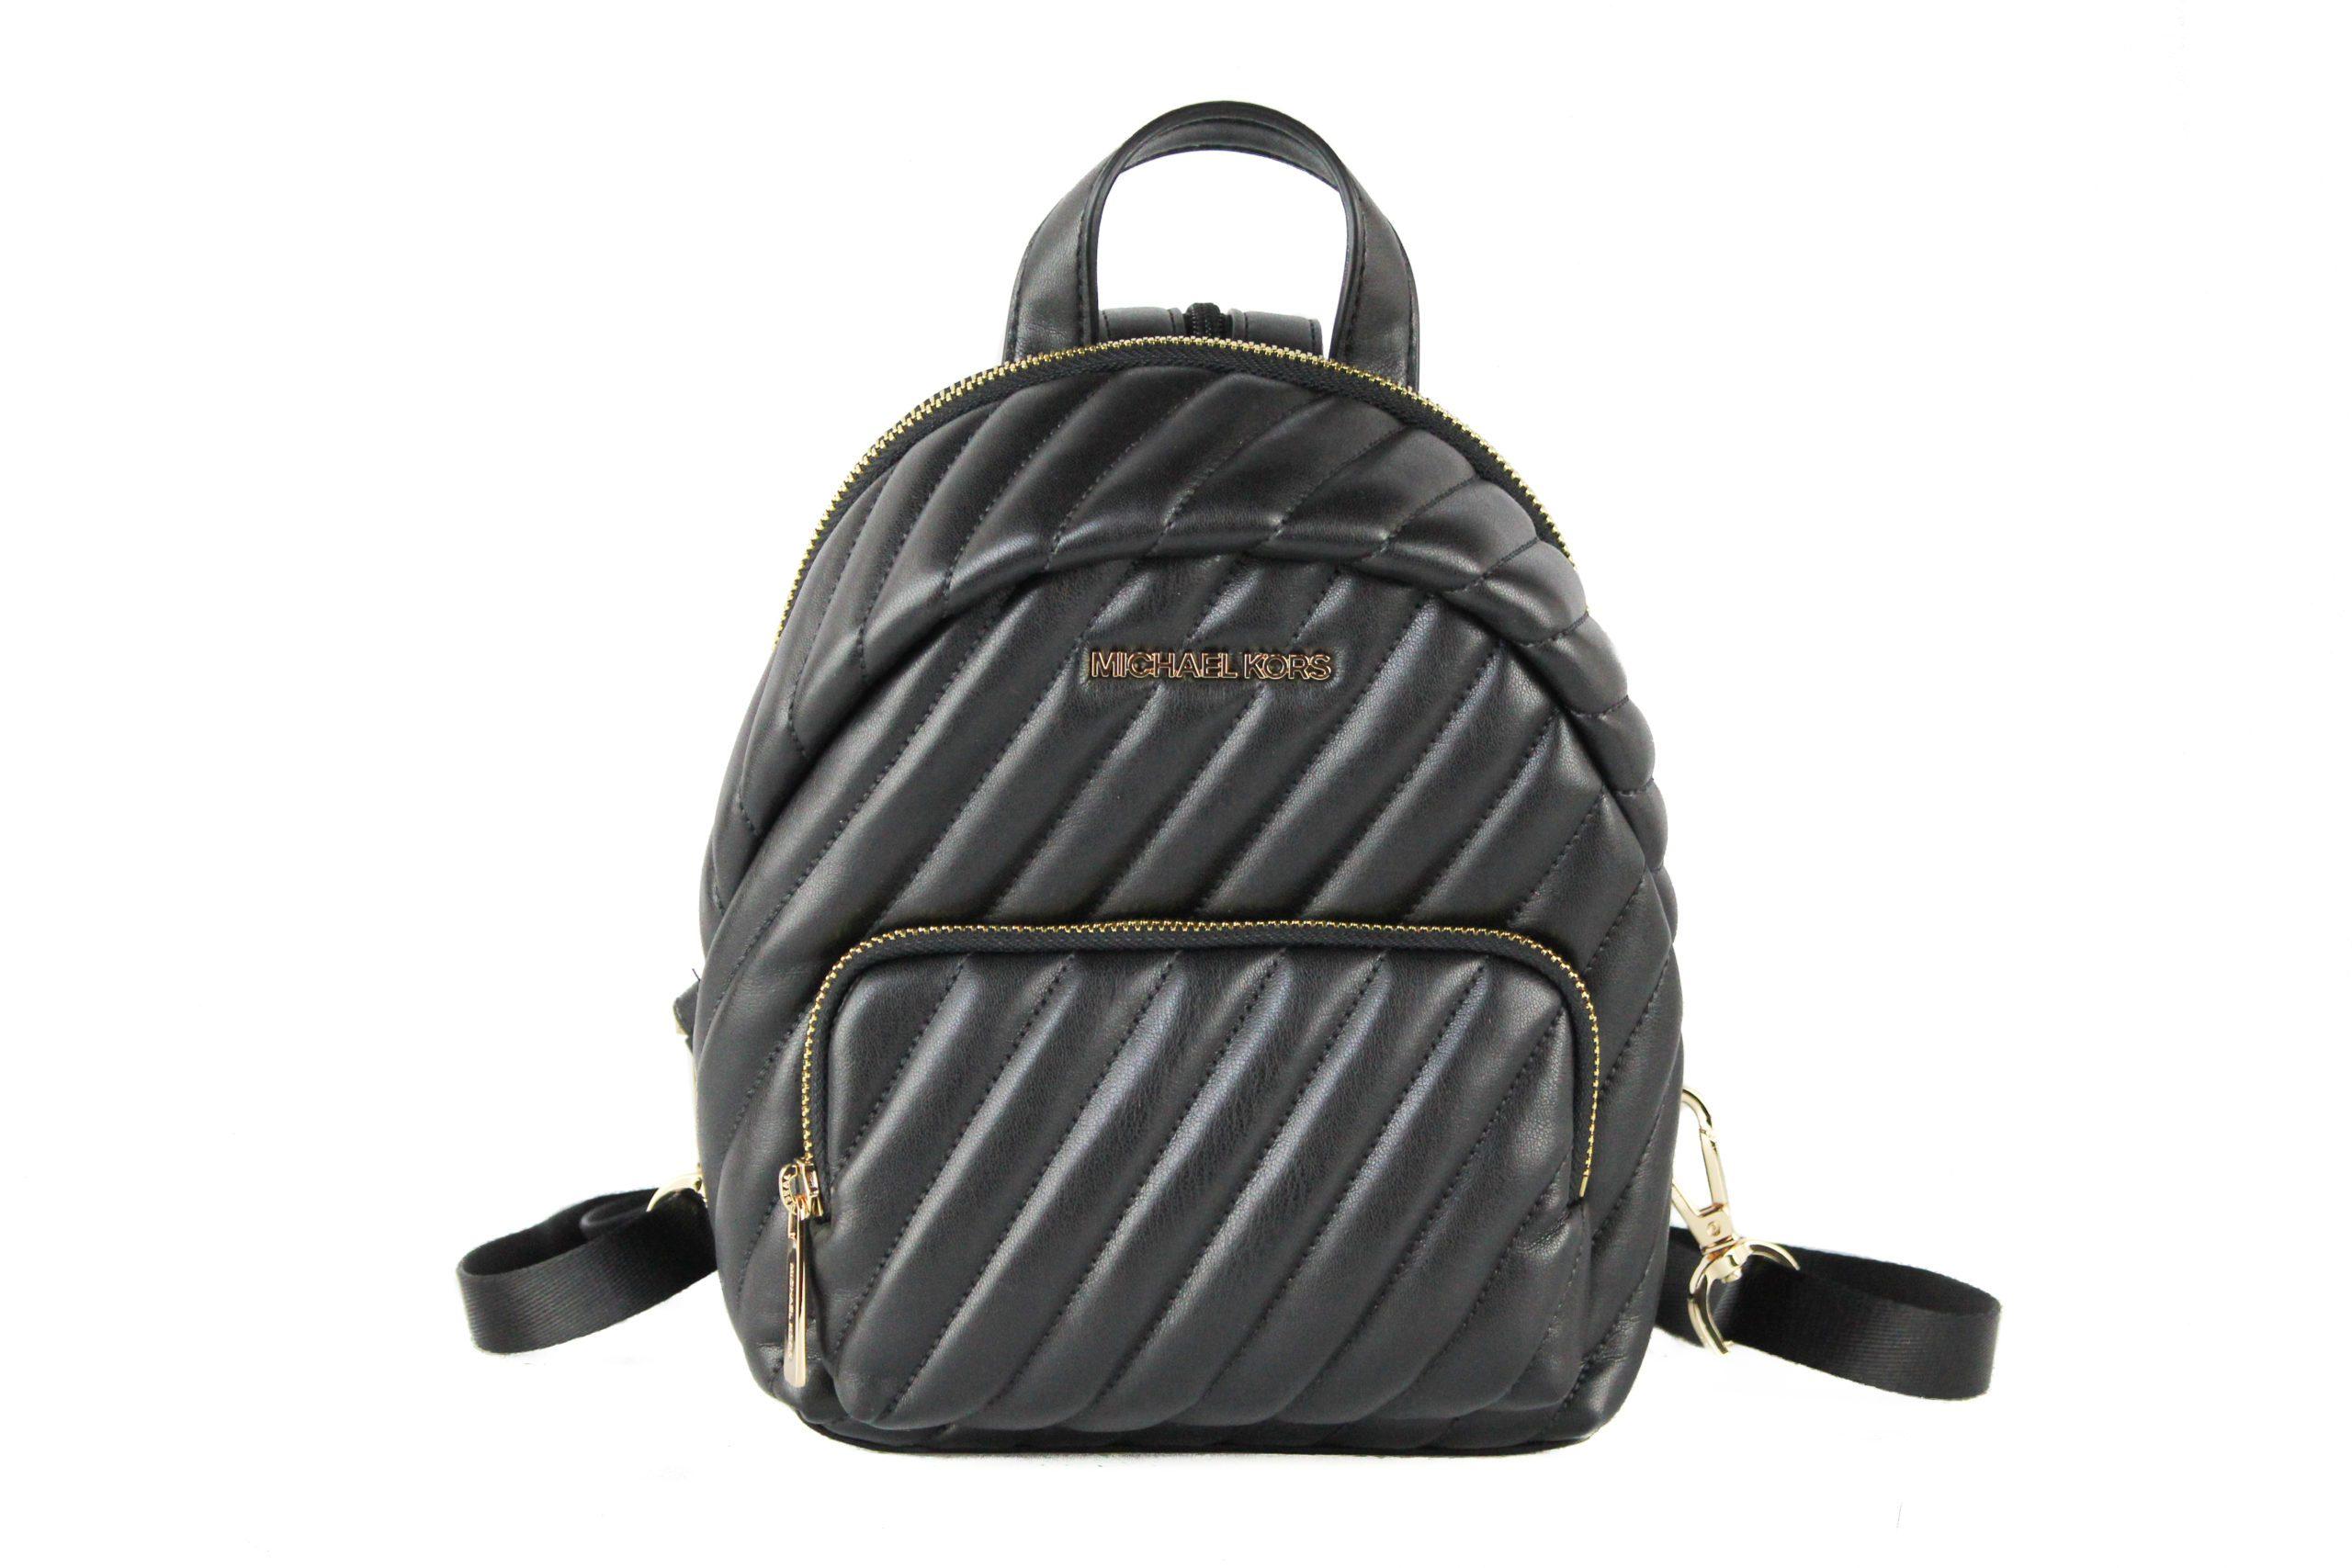 Michael Kors Women's Erin Backpack Black 71063